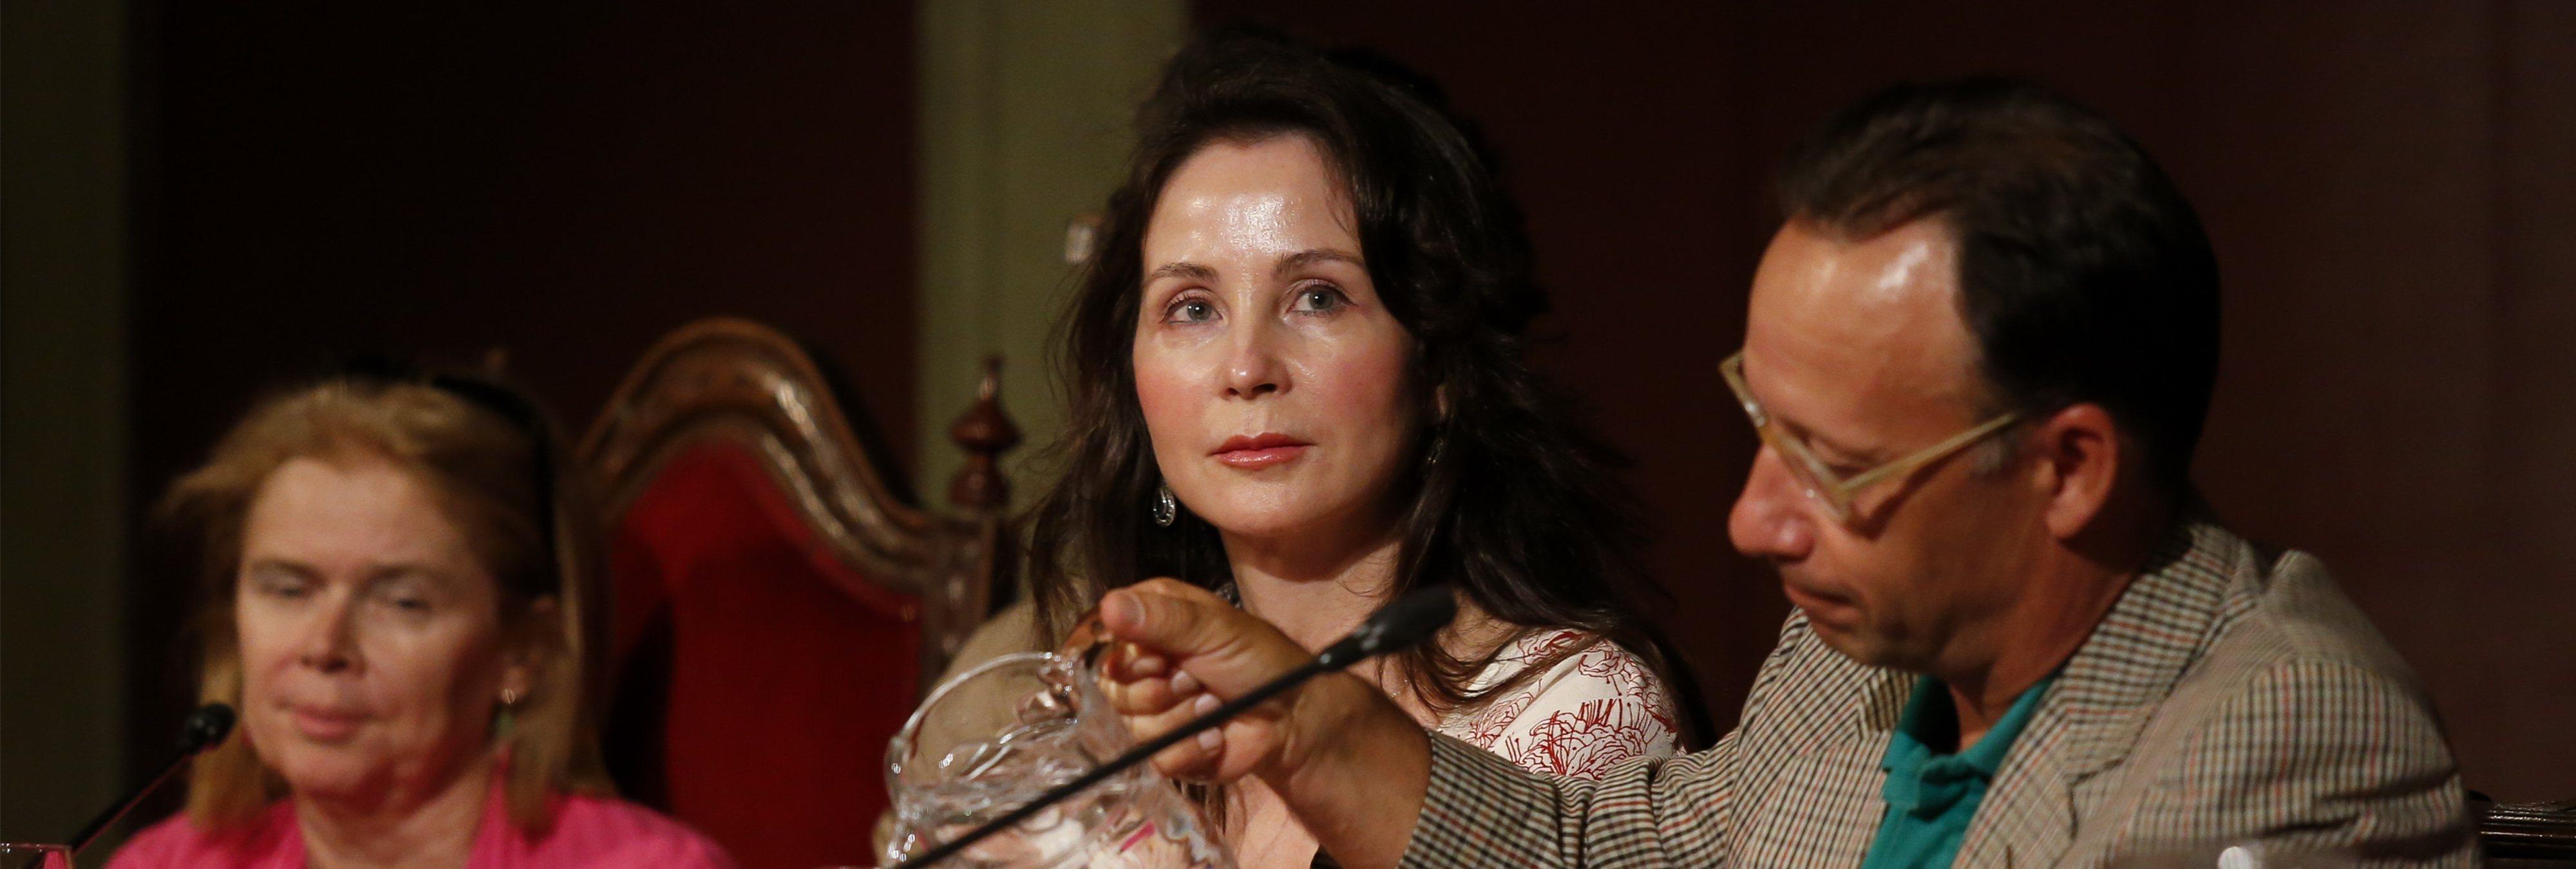 Sancionan a la jueza Alaya por señalar el pacto de silencio entre Rajoy y Susana Díaz